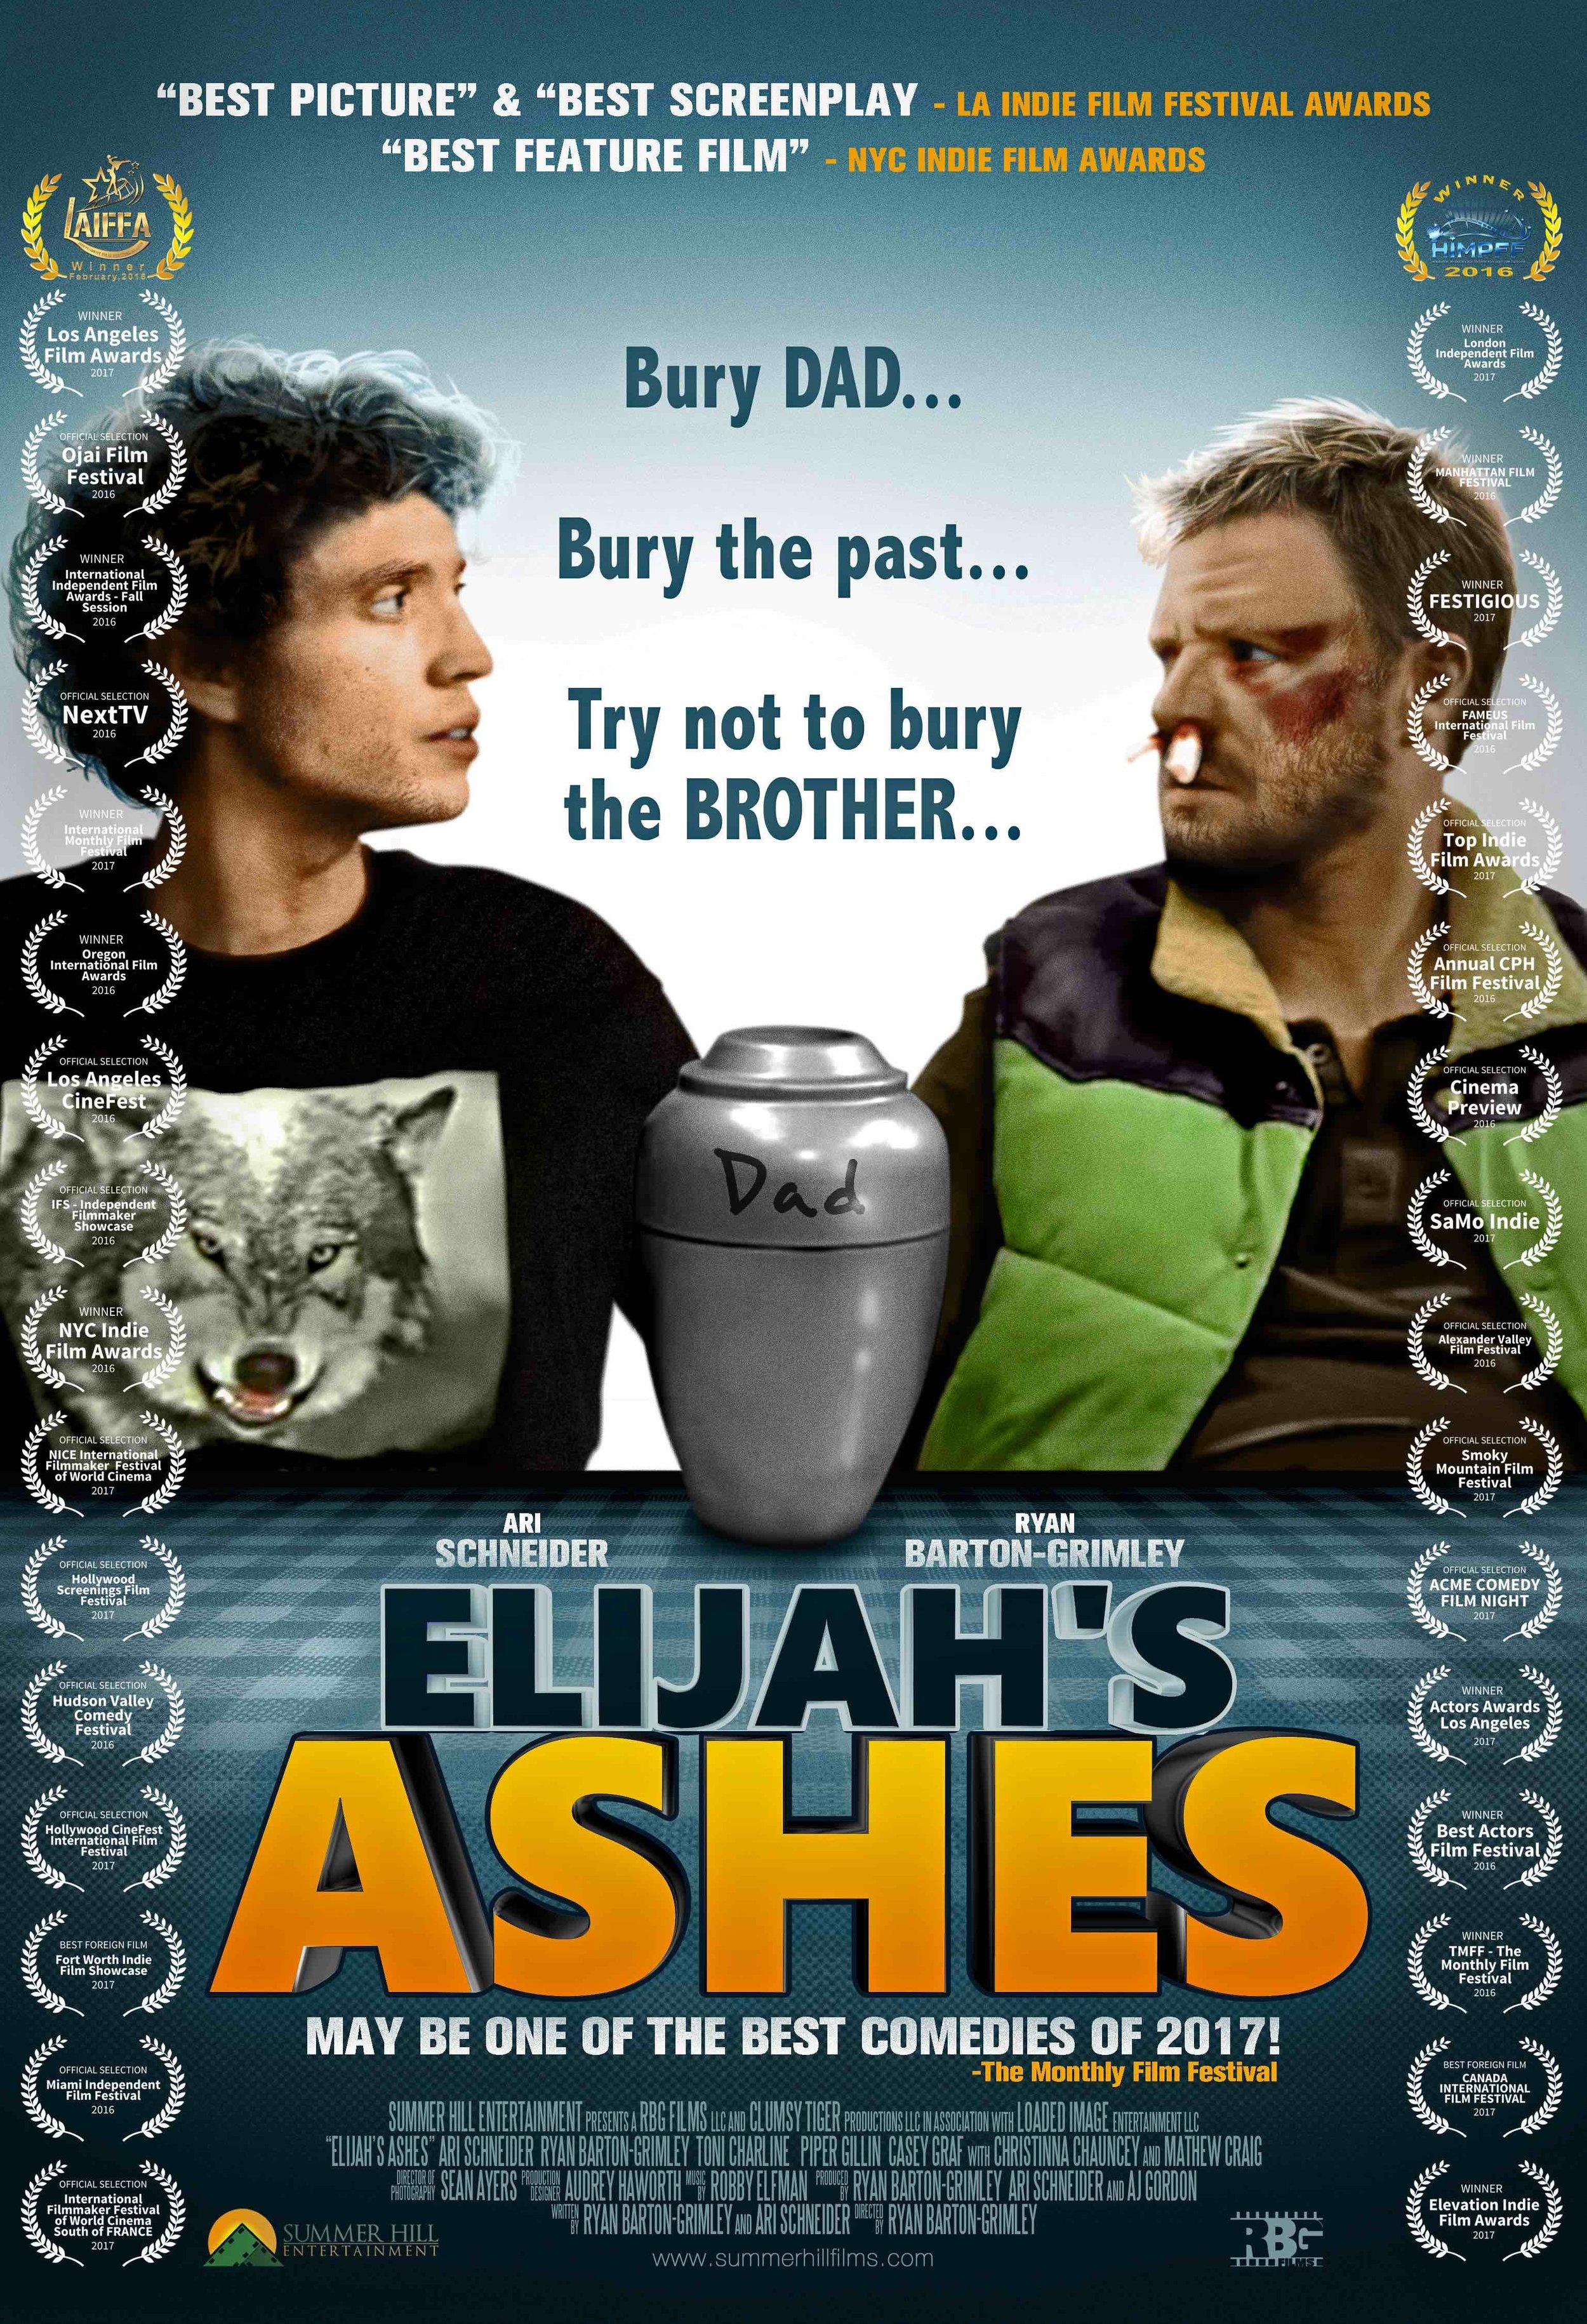 ELIJAH'S ASHES (2017)